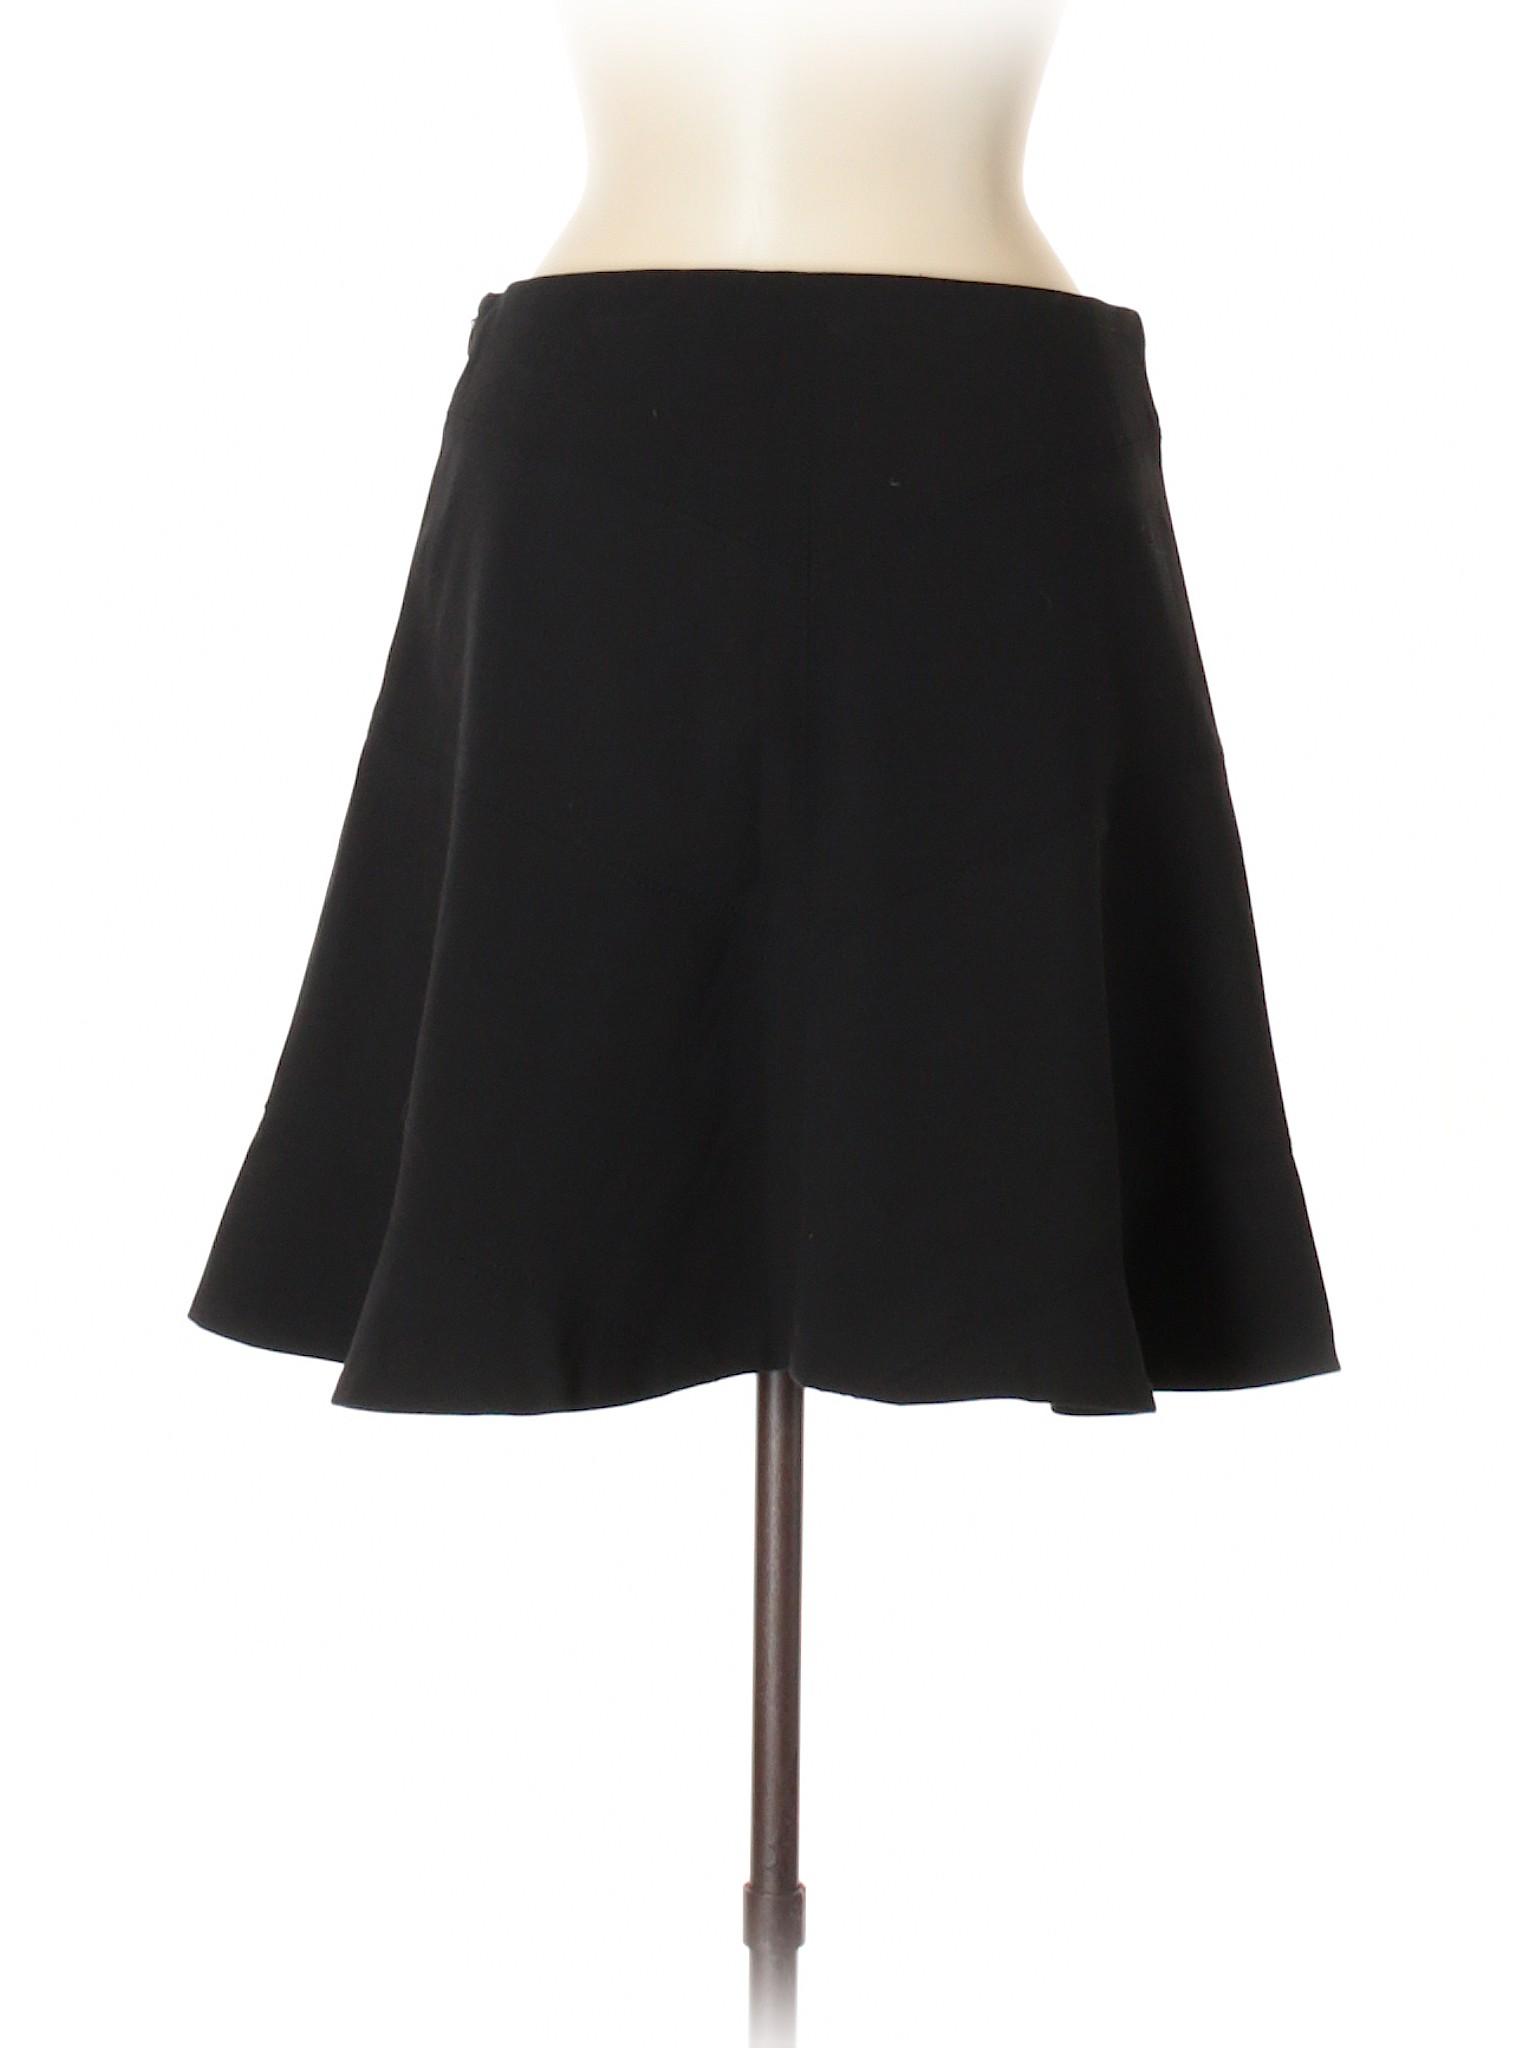 Casual Skirt Boutique LOFT Ann Taylor leisure TqU14P